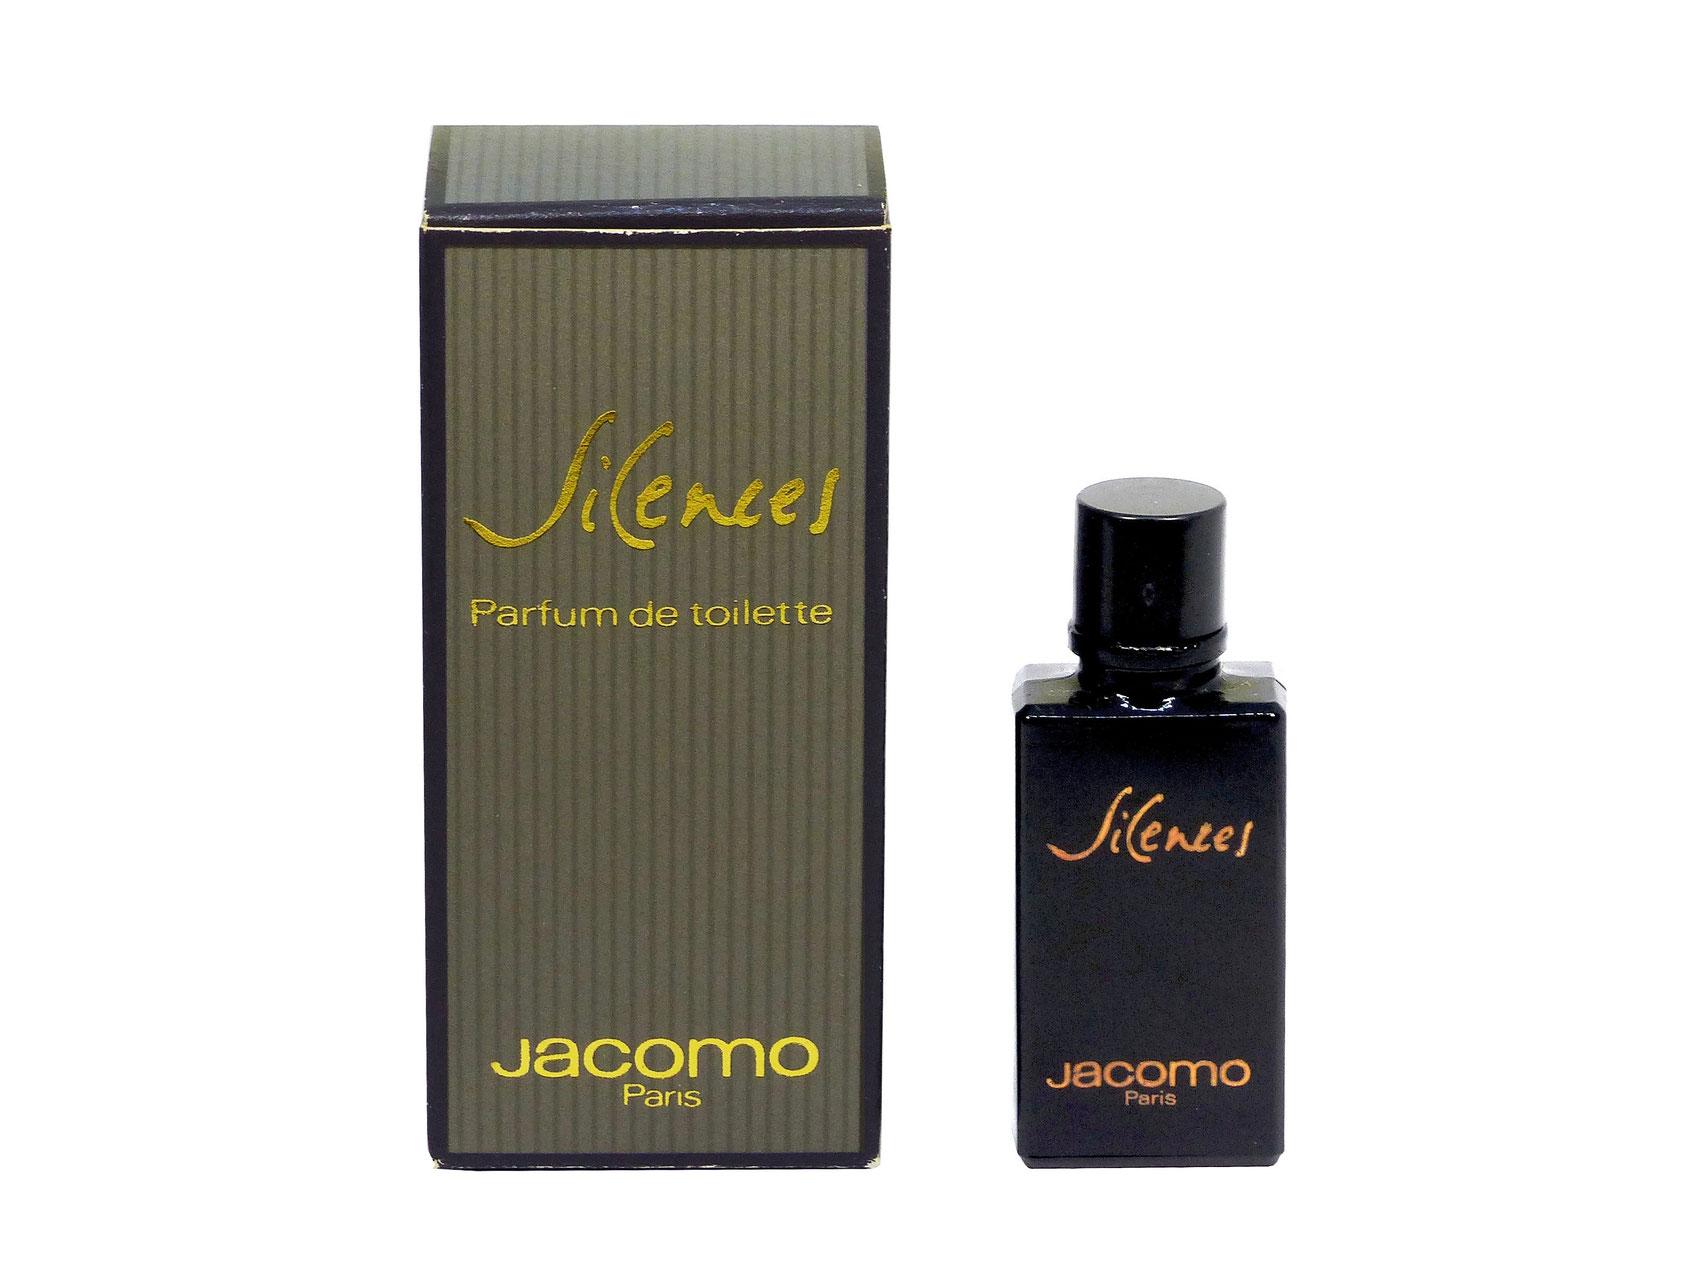 Collectionner De À Jacomo Miniatures Parfum ul5c3TF1KJ